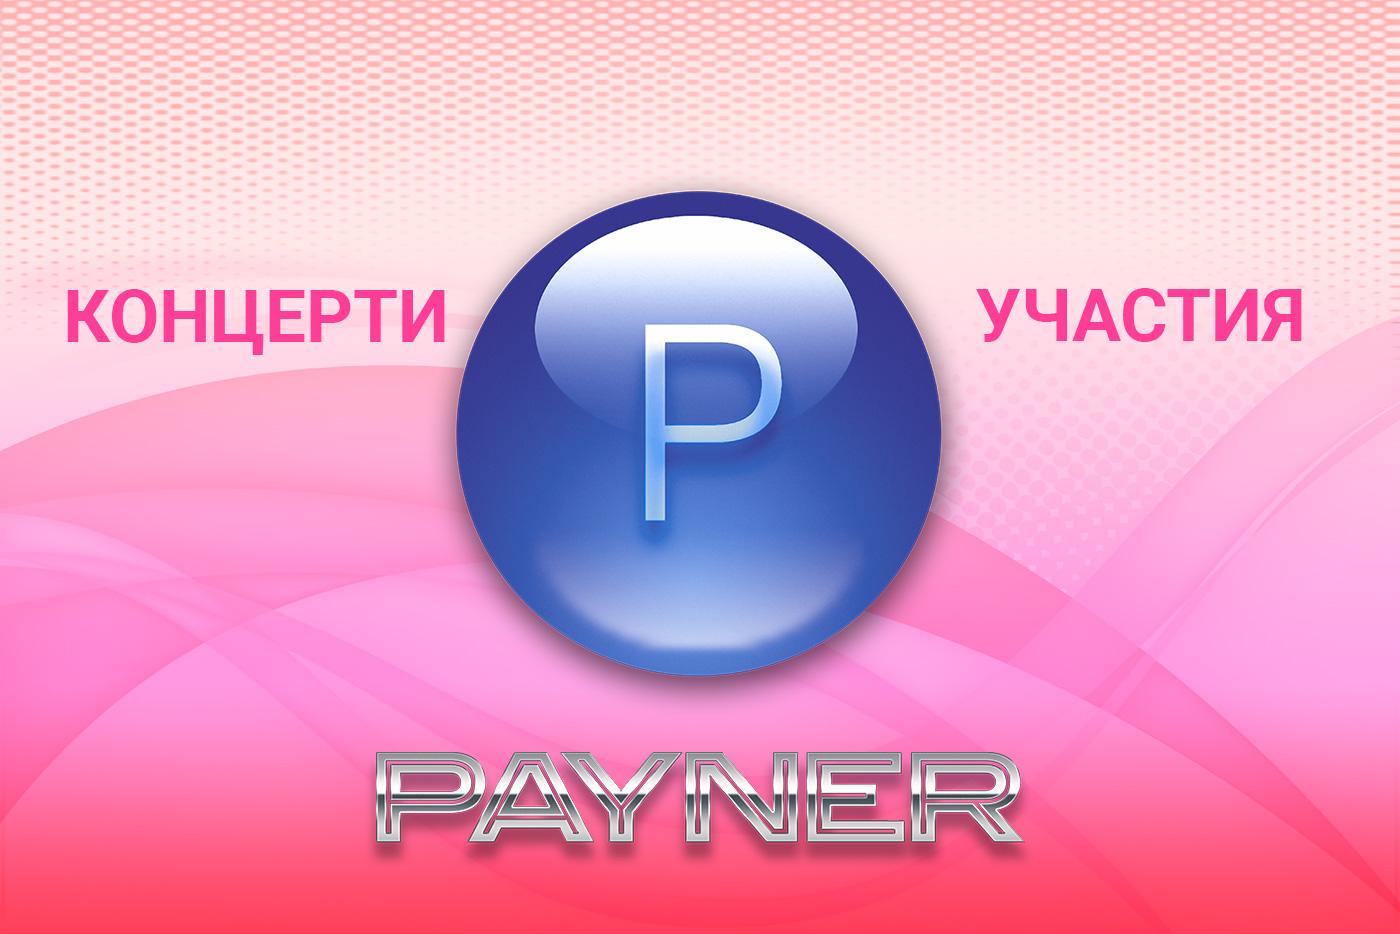 """Участия на звездите на """"Пайнер"""" на 11.12.2018"""